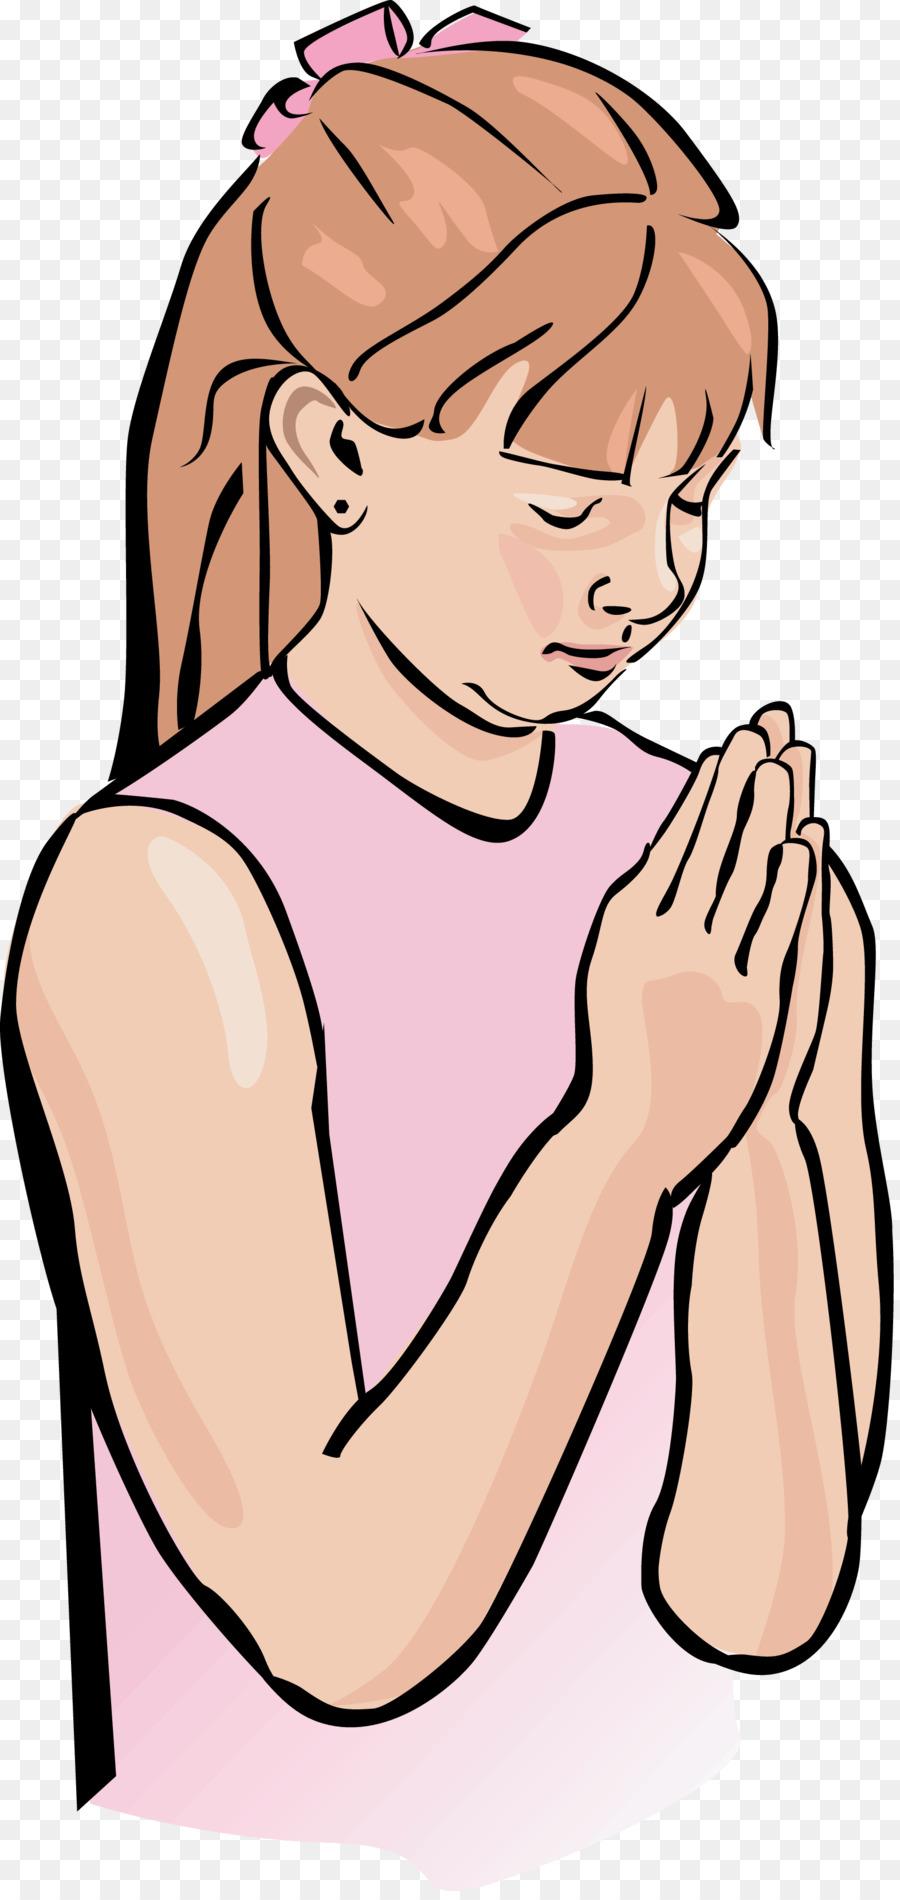 900x1900 Praying Hands Prayer Clip Art